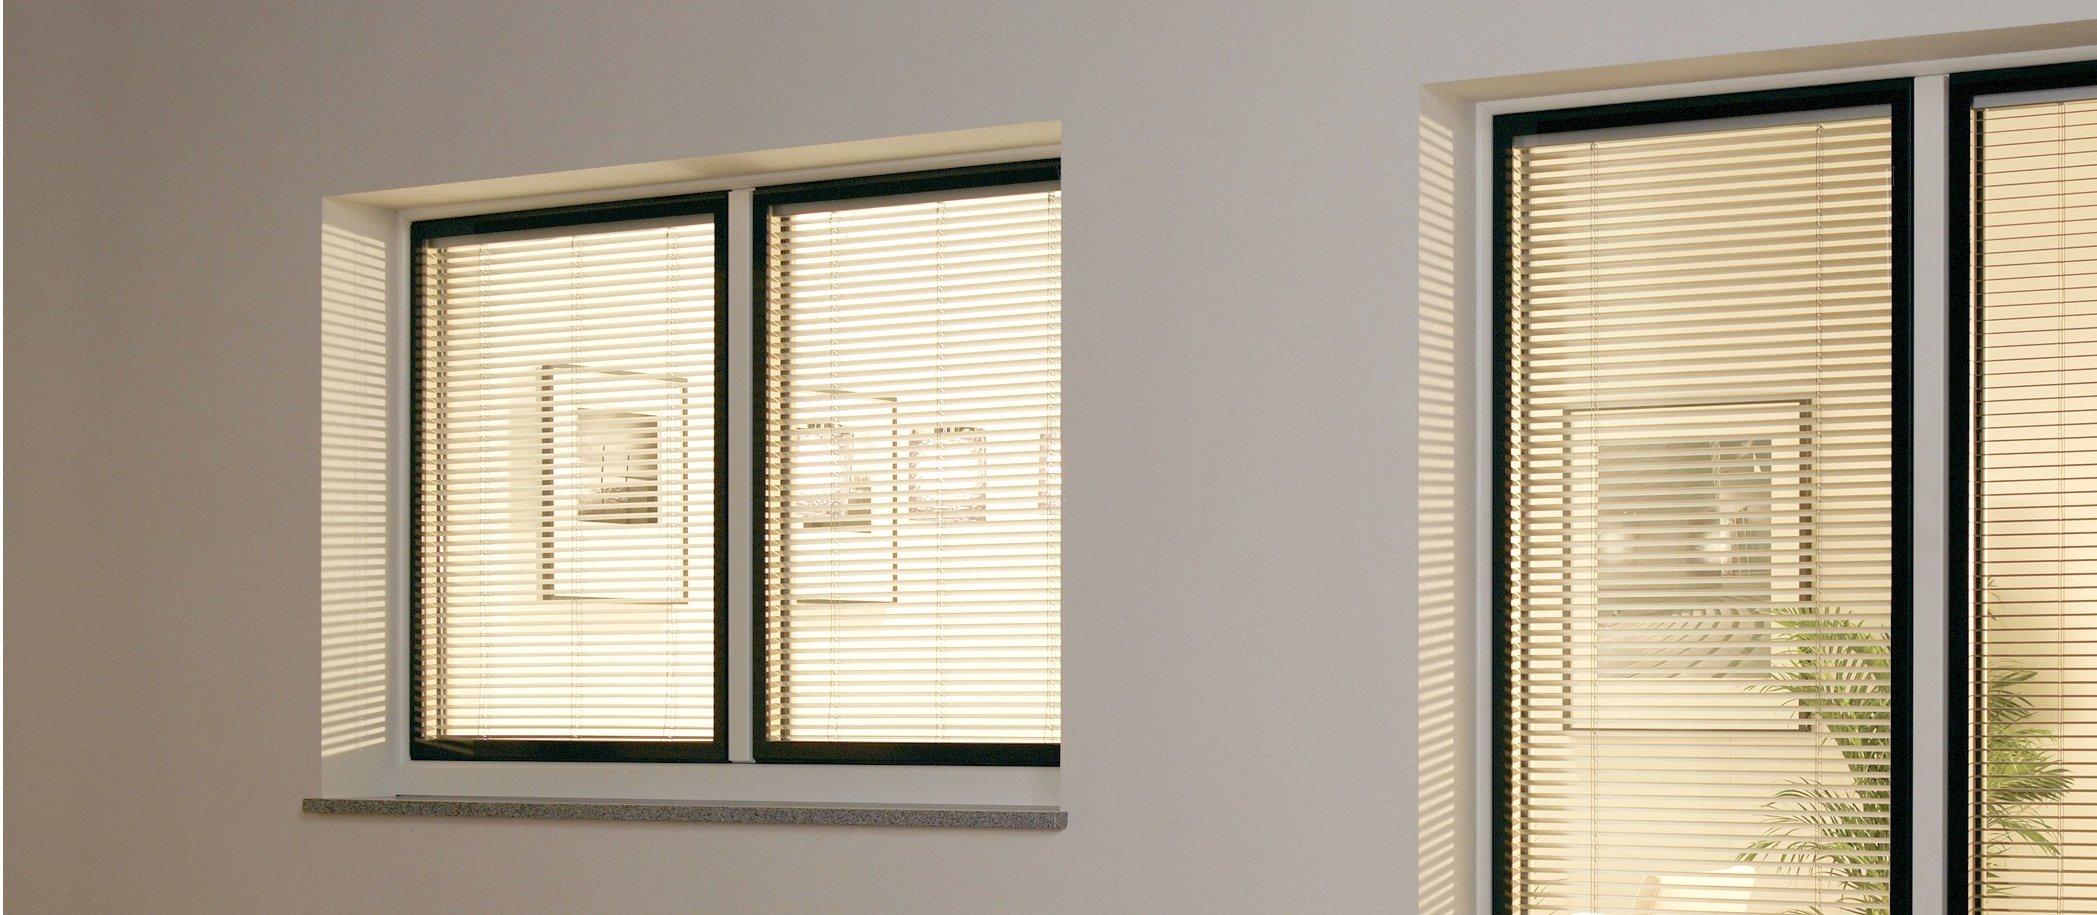 Finestre internorm regala il triplo vetro cose di casa - Prezzi finestre internorm ...